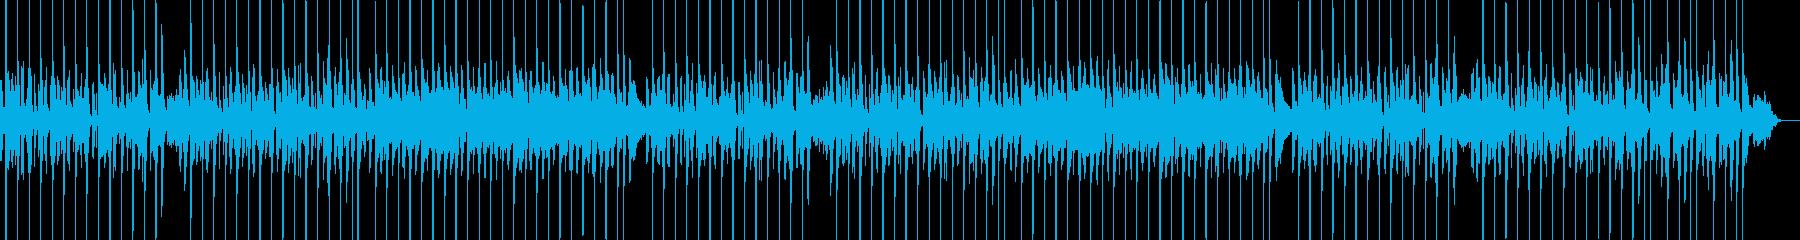 ほのぼの軽快楽しいわくわく日常系ソングの再生済みの波形